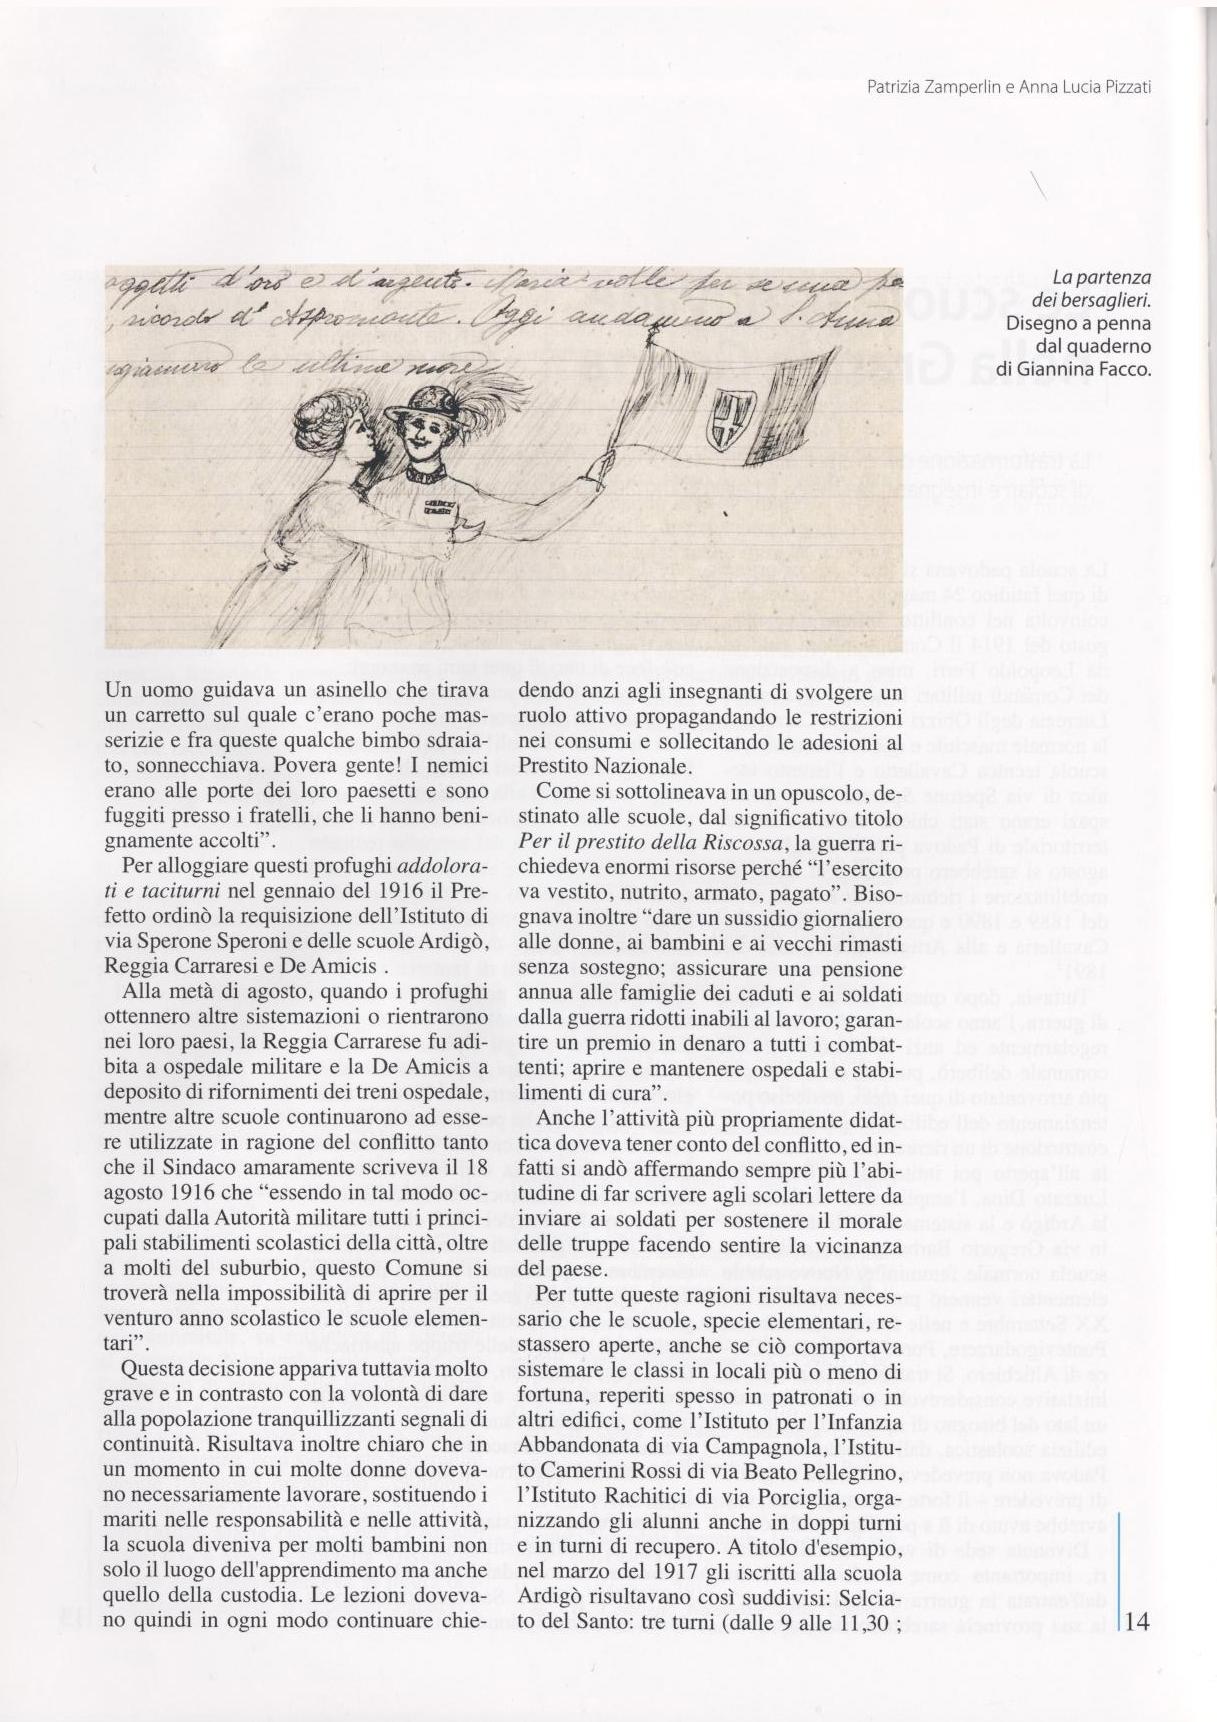 padovaeilsuoterritorio p 14